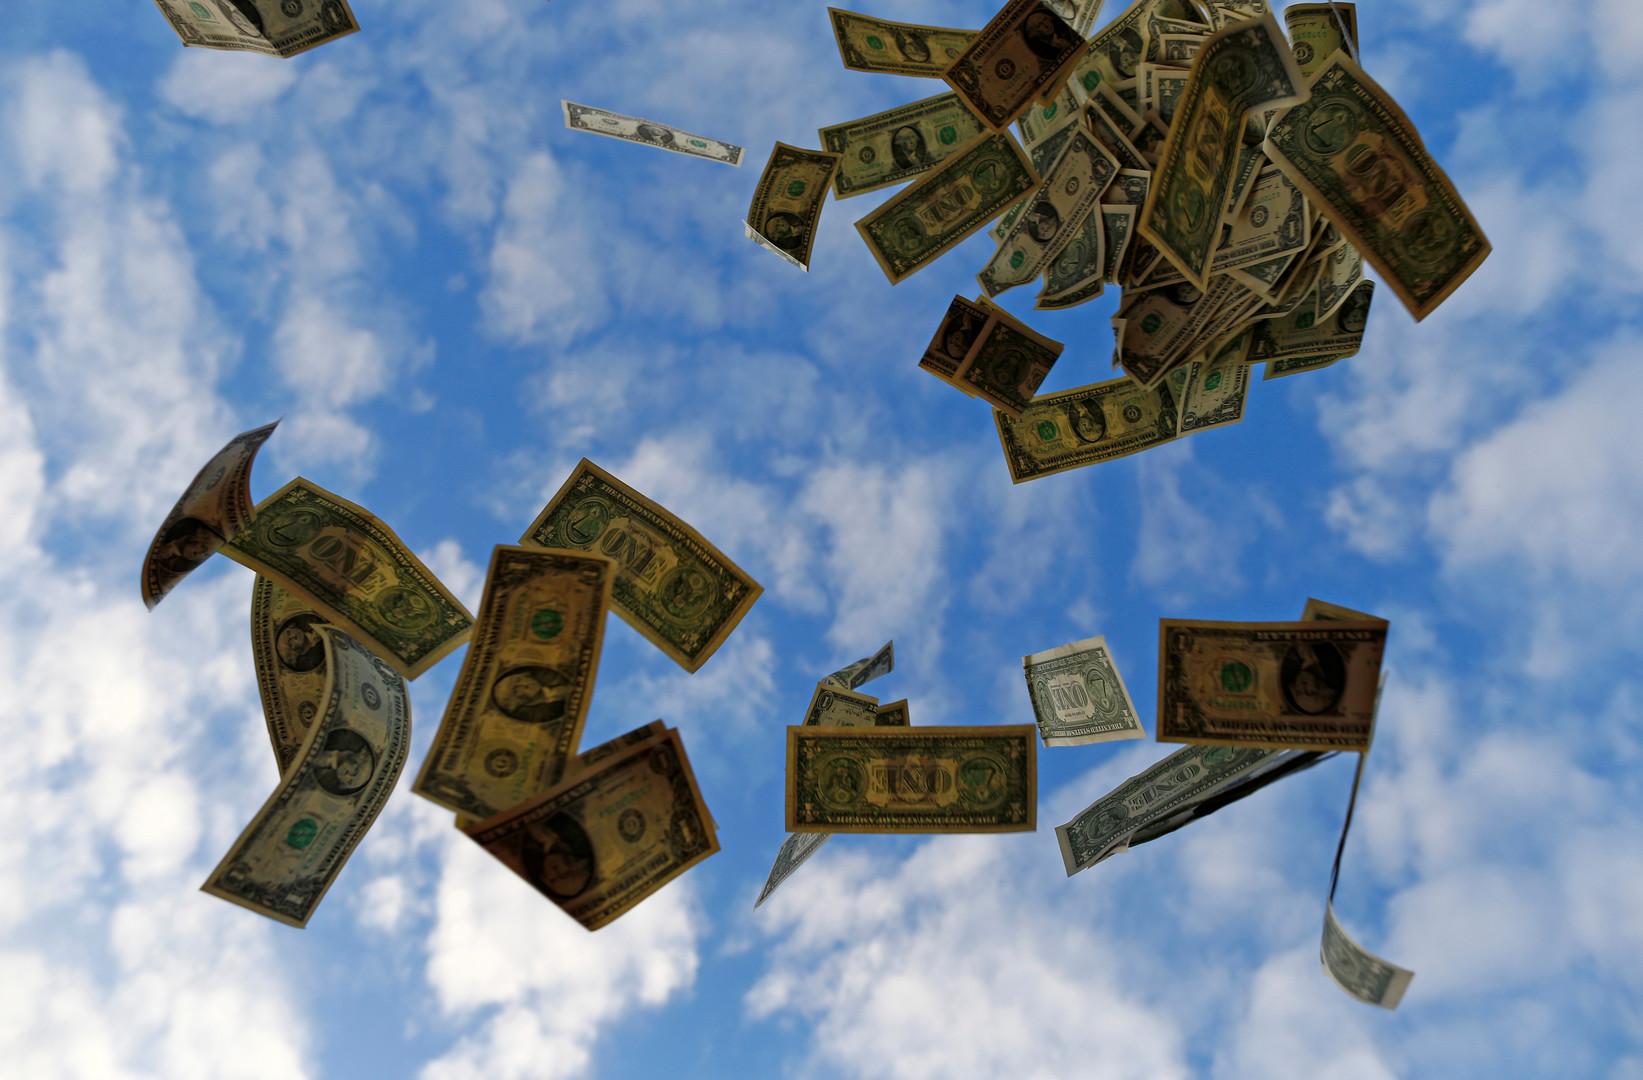 خبير: العالم يتخلص من الدولار